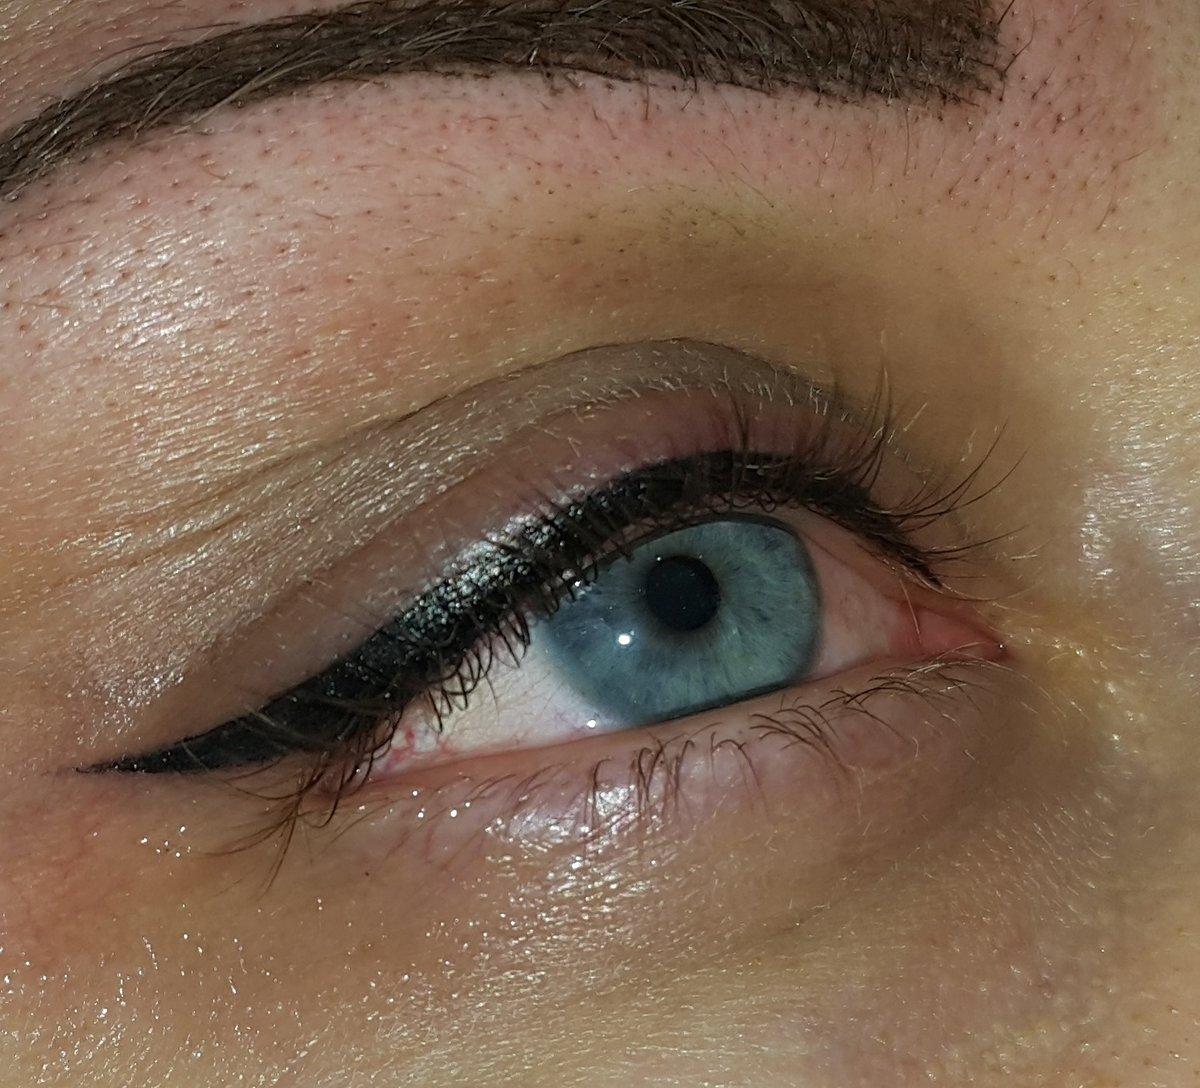 виды татуажа глаз фото